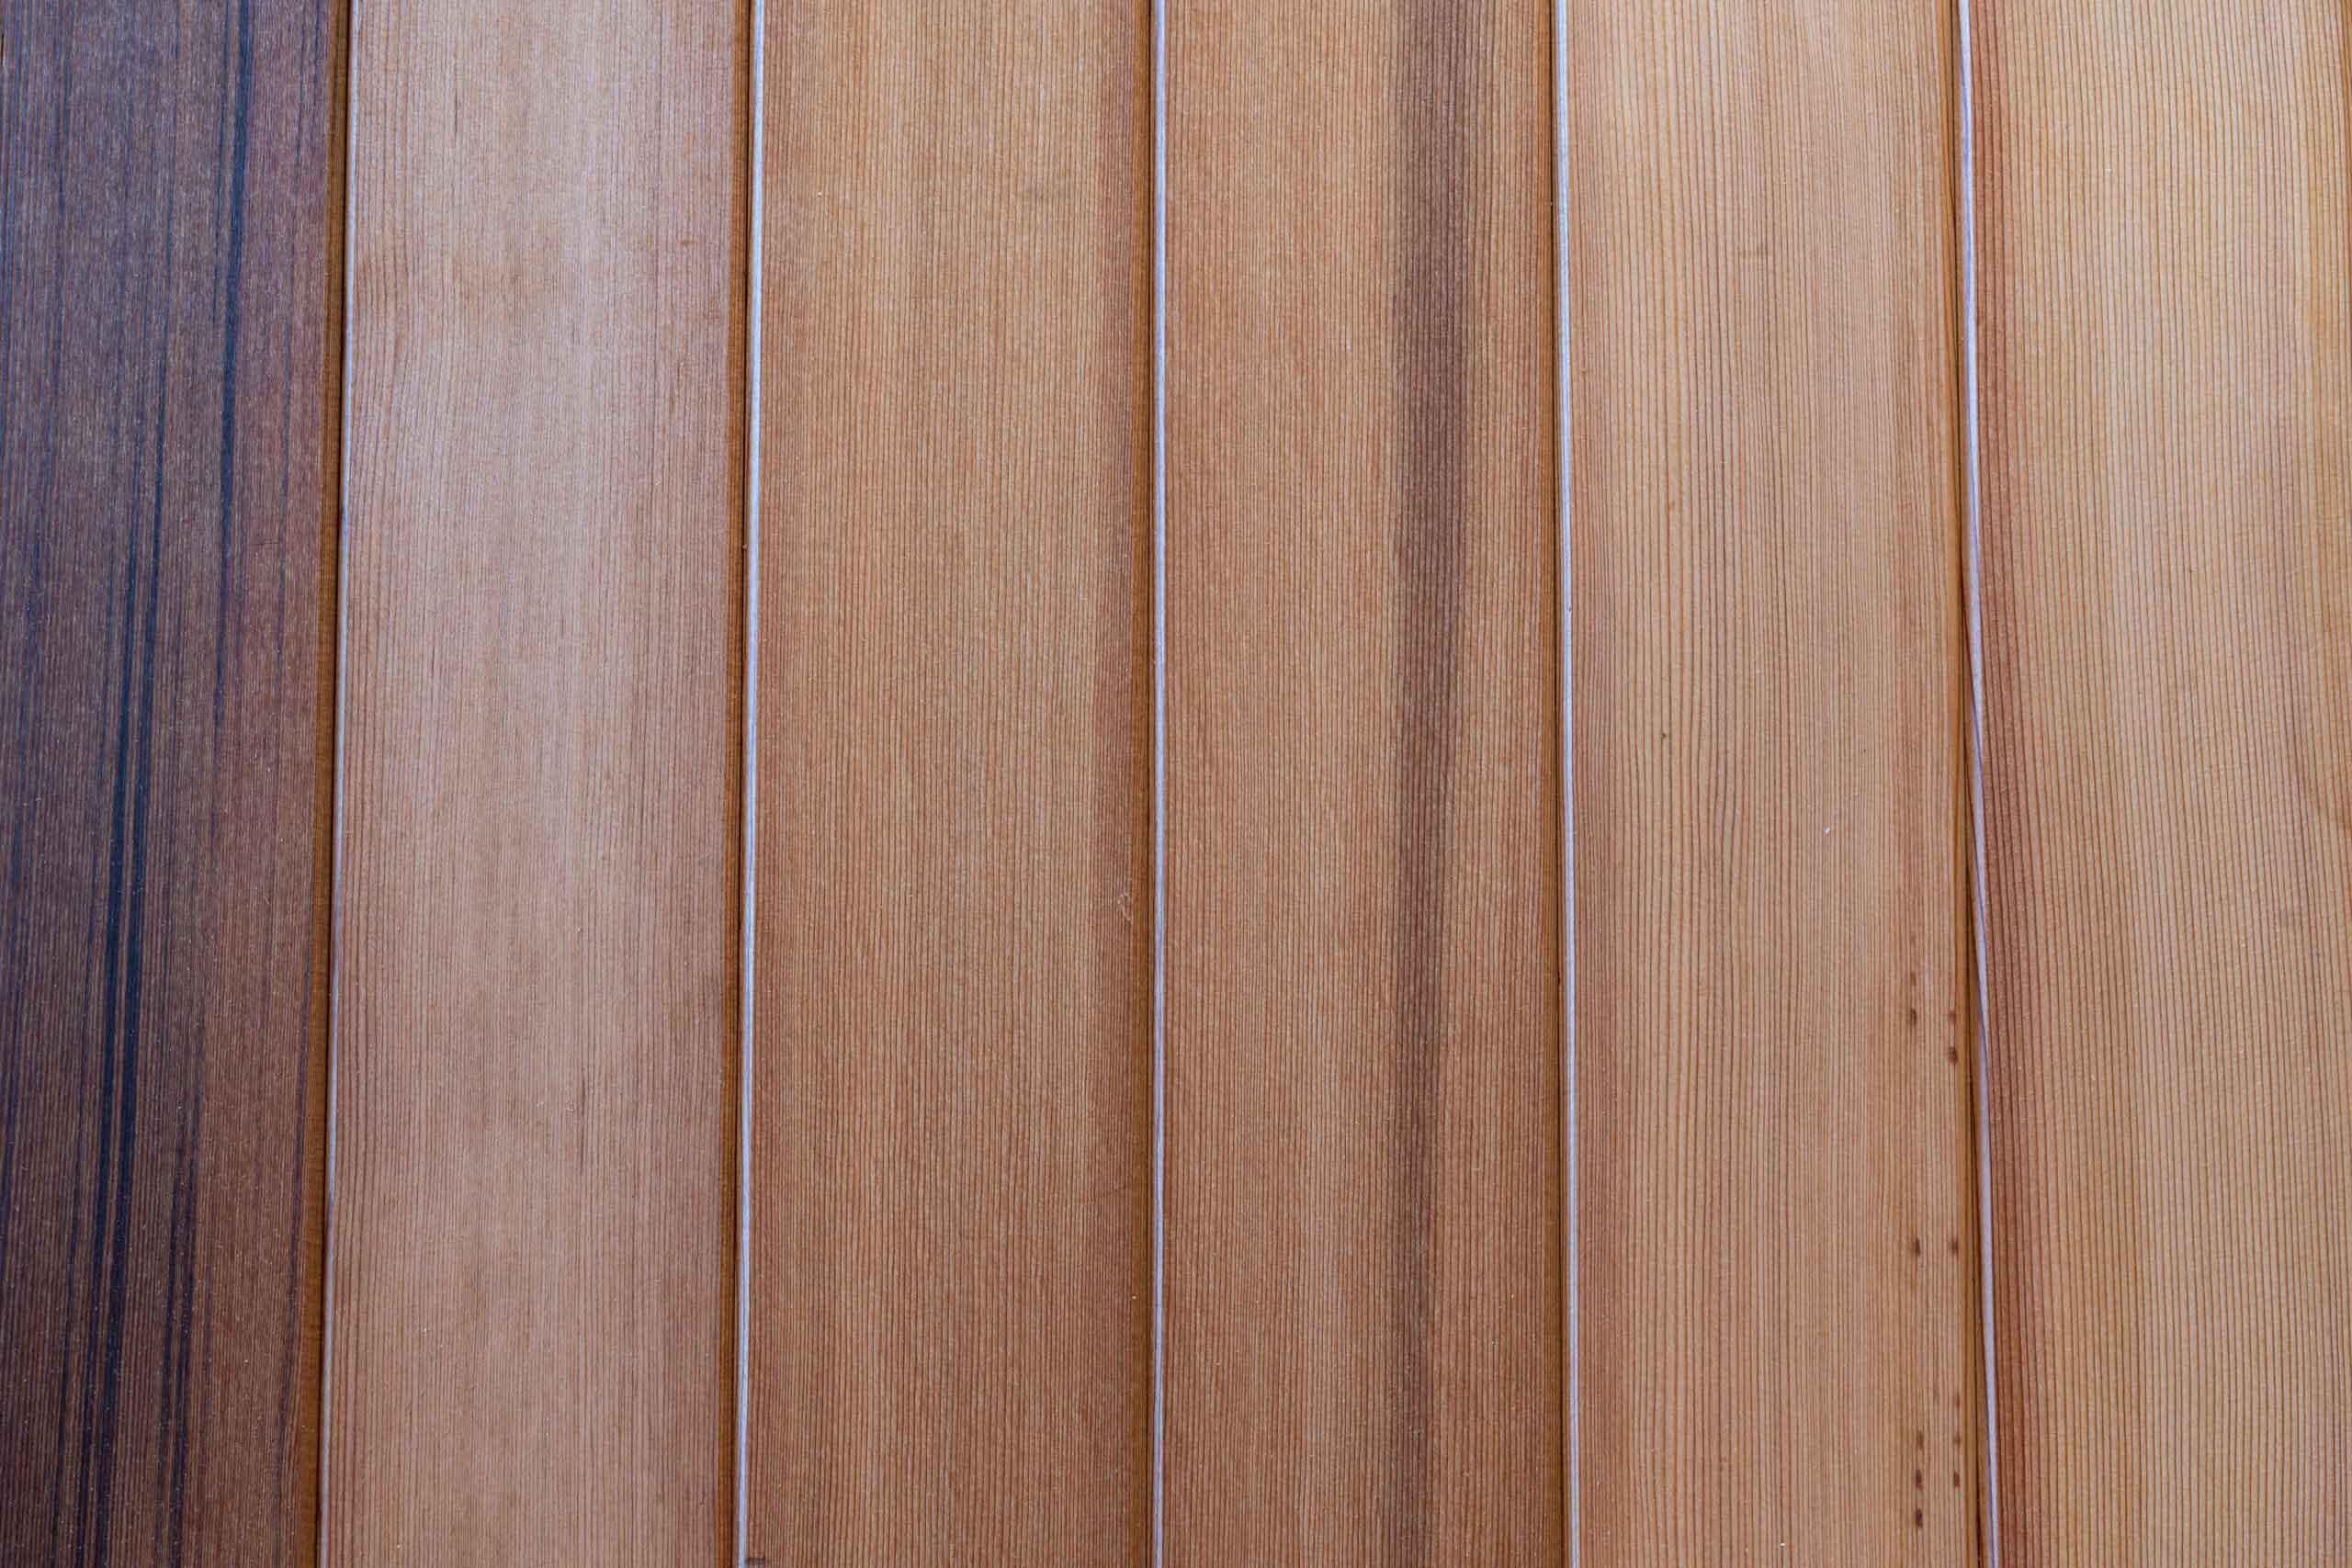 Wooden cedar flooring